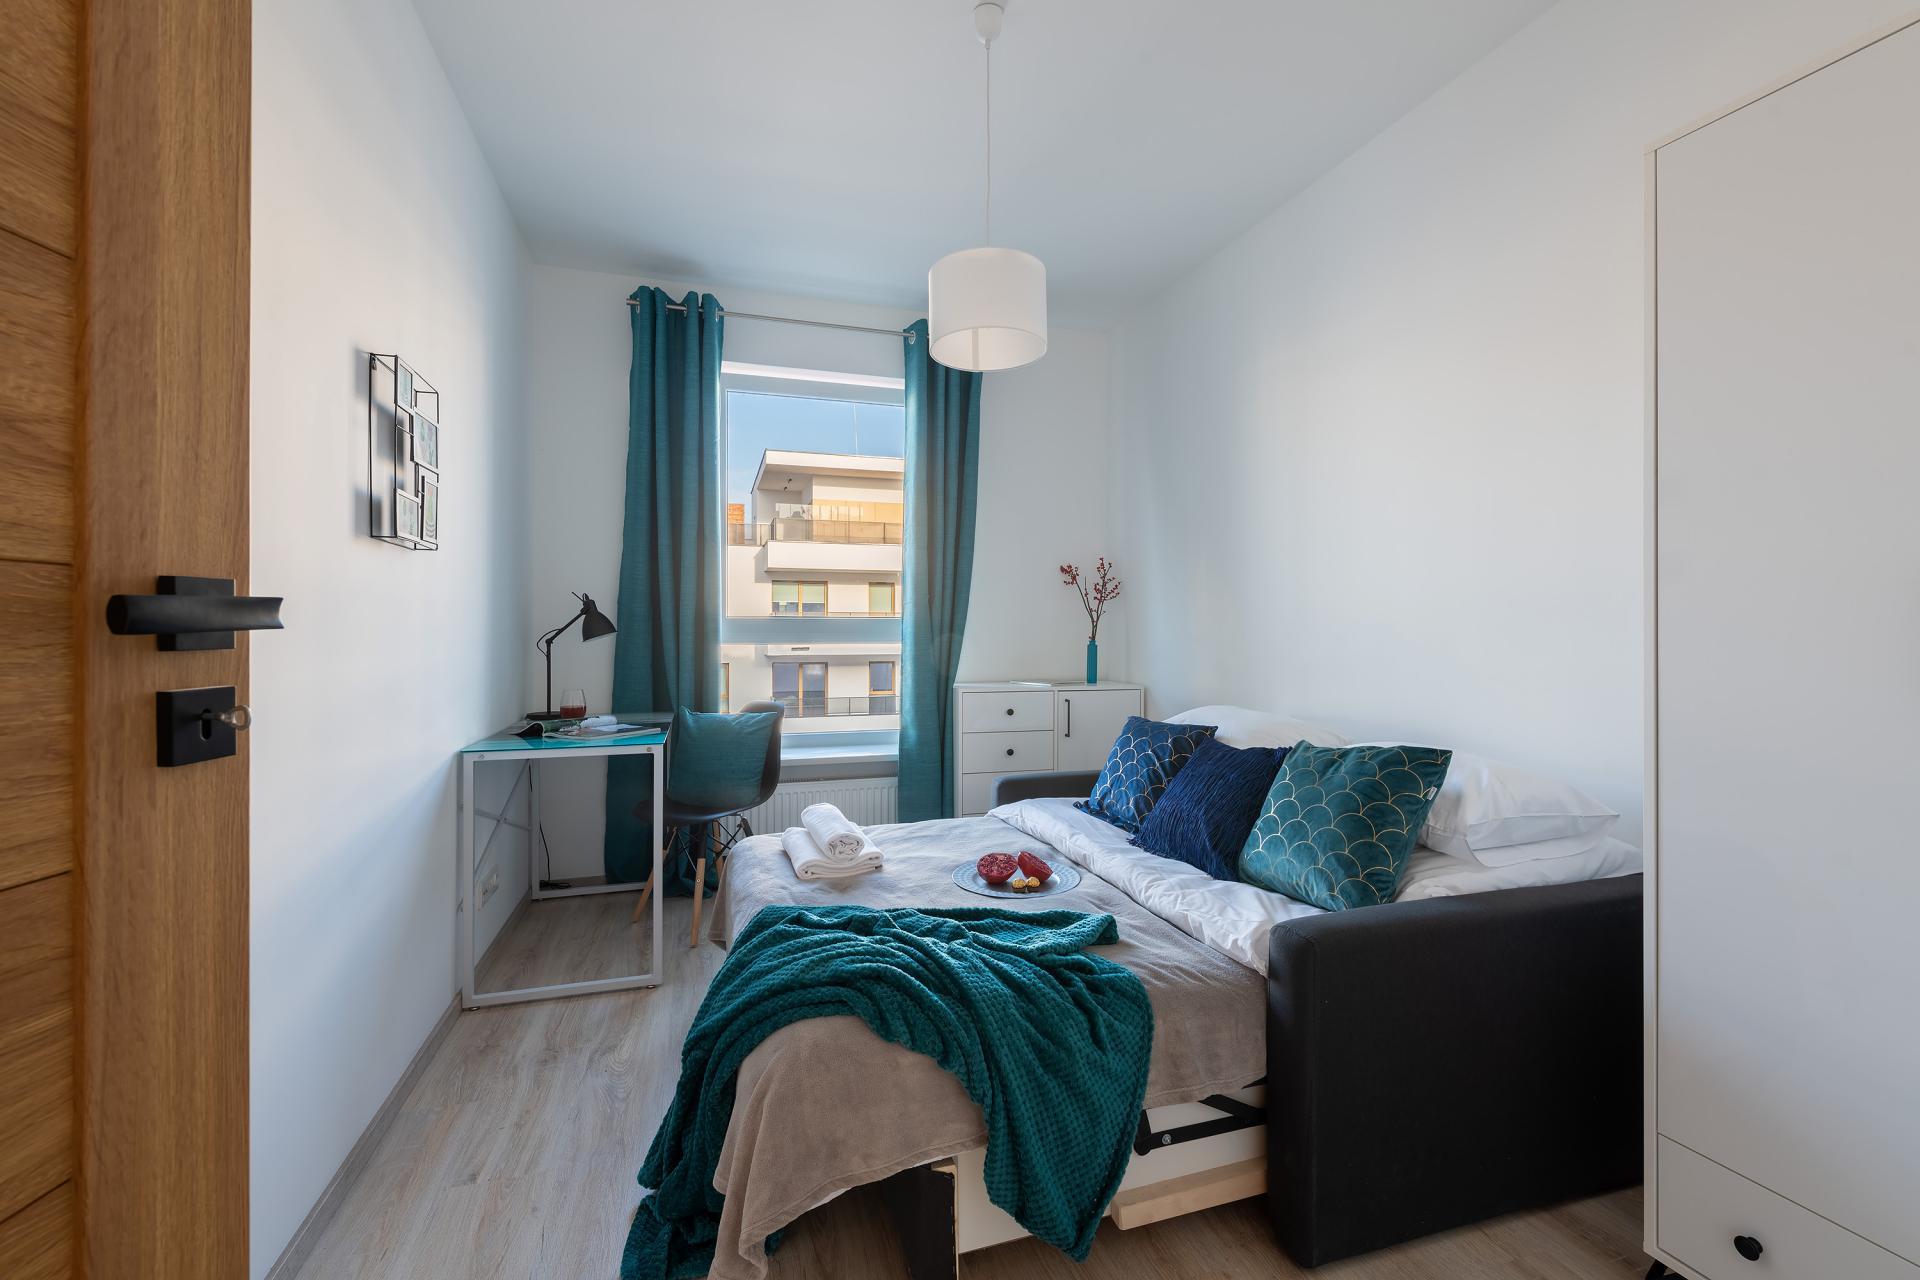 Sofa bed at Cybernetyki Apartments, Sluzewiec, Warsaw